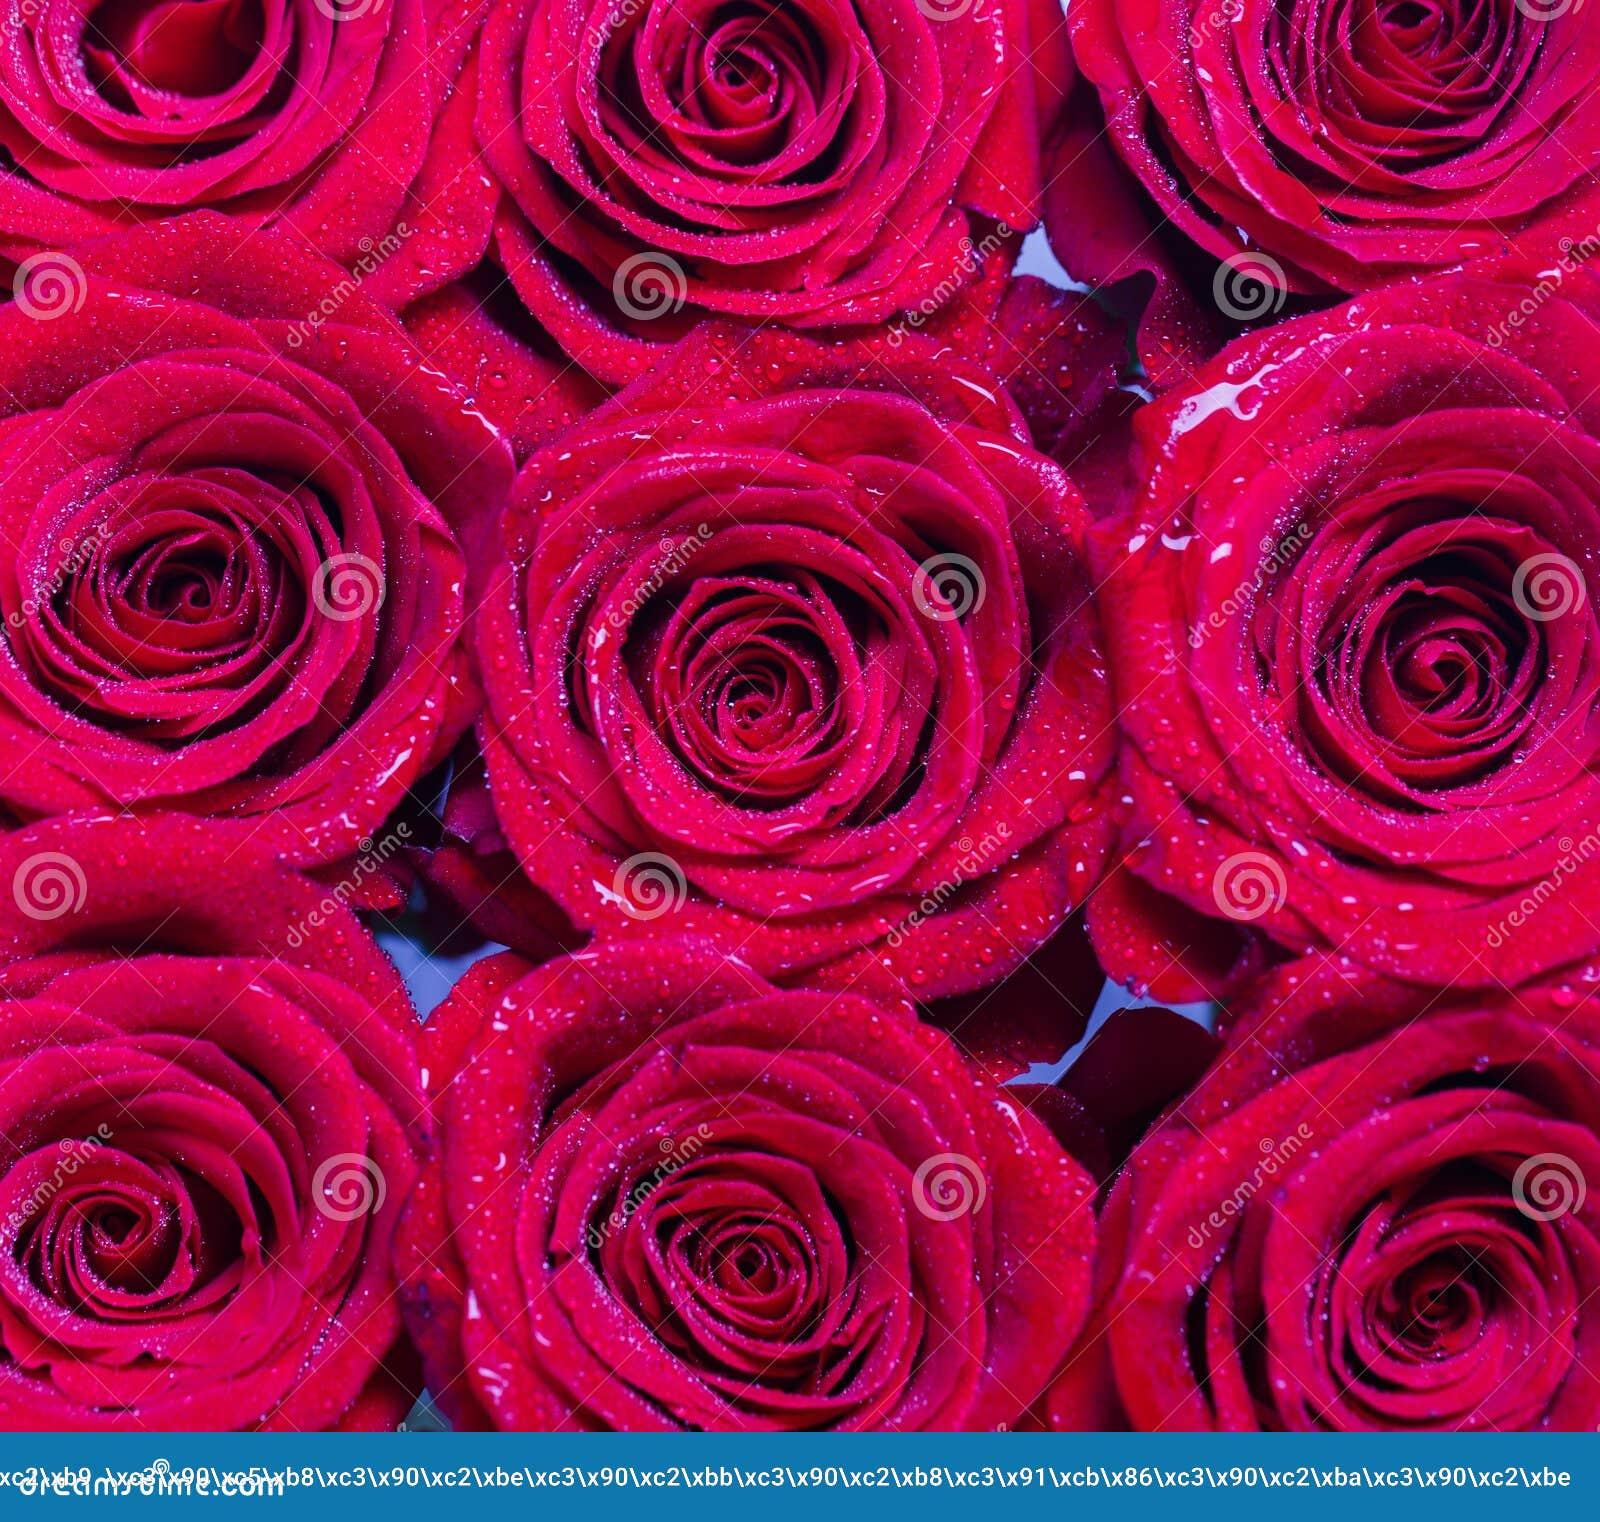 Fiore Della Rosa Rossa Petali Mazzo Dei Fiori Rosa Rossa Fresca